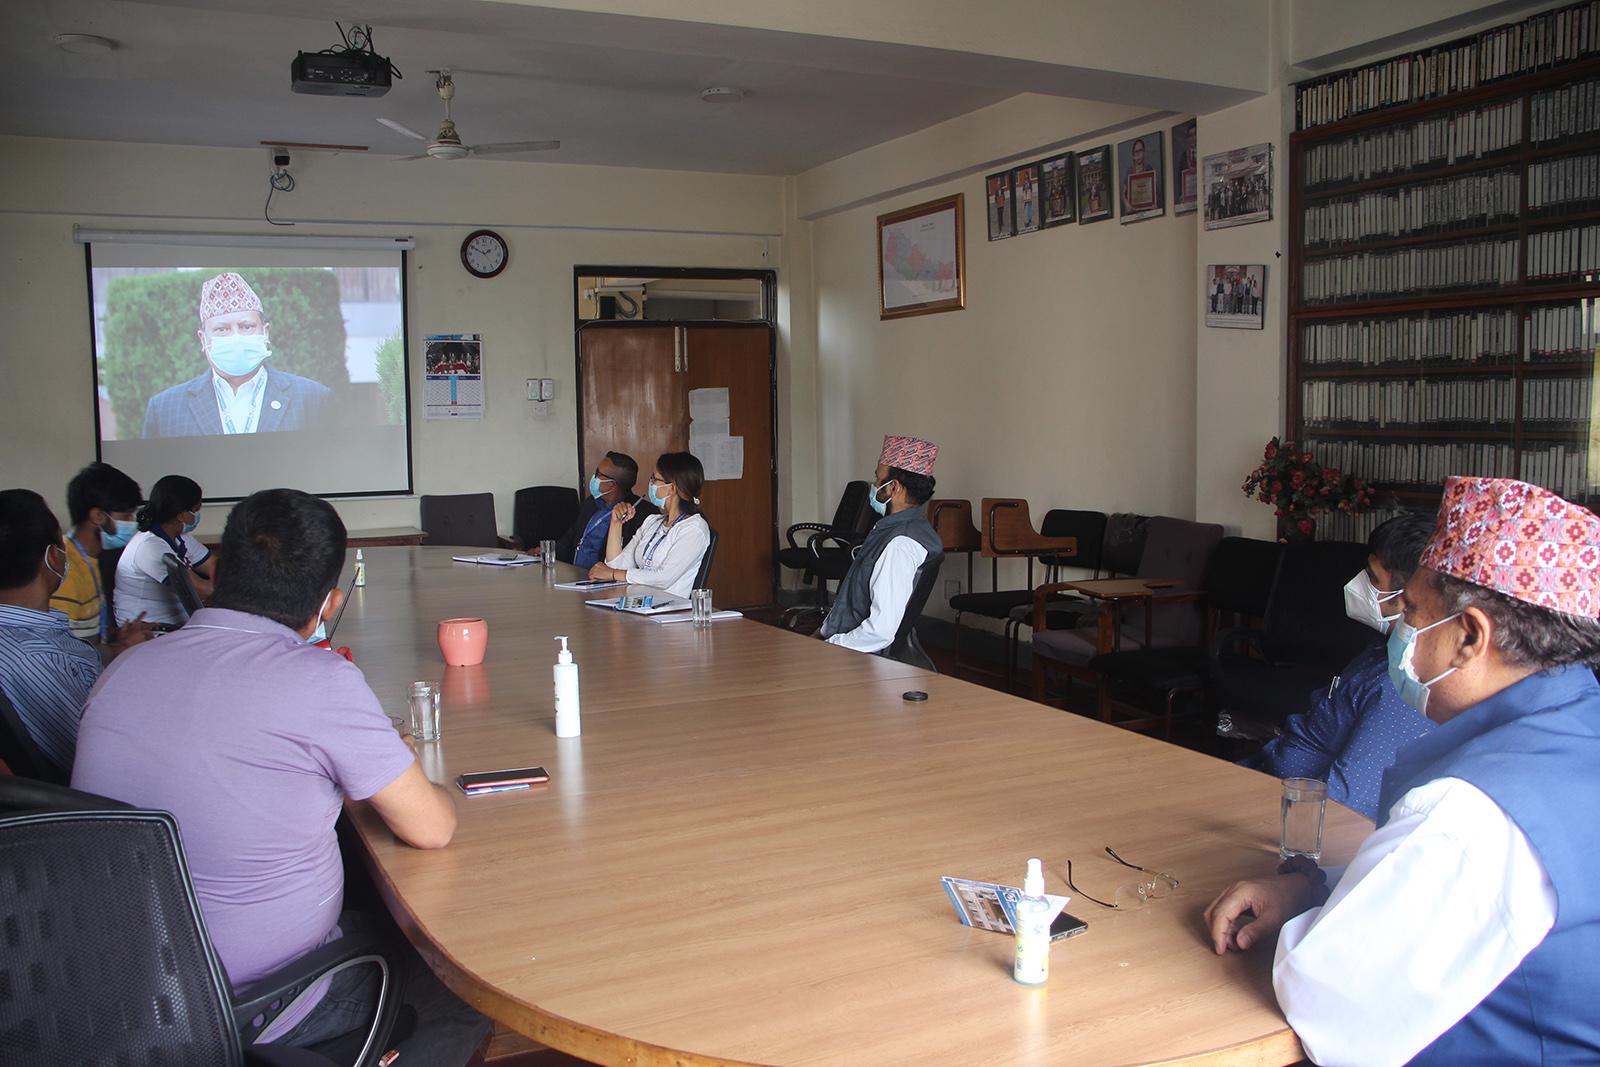 अपाङ्गतामैत्री वेबसाइटको शुभारम्भ तथा पत्रकार आचारसंहितासम्बन्धी भिडियो सन्देश सार्वजनिक कार्यक्रम